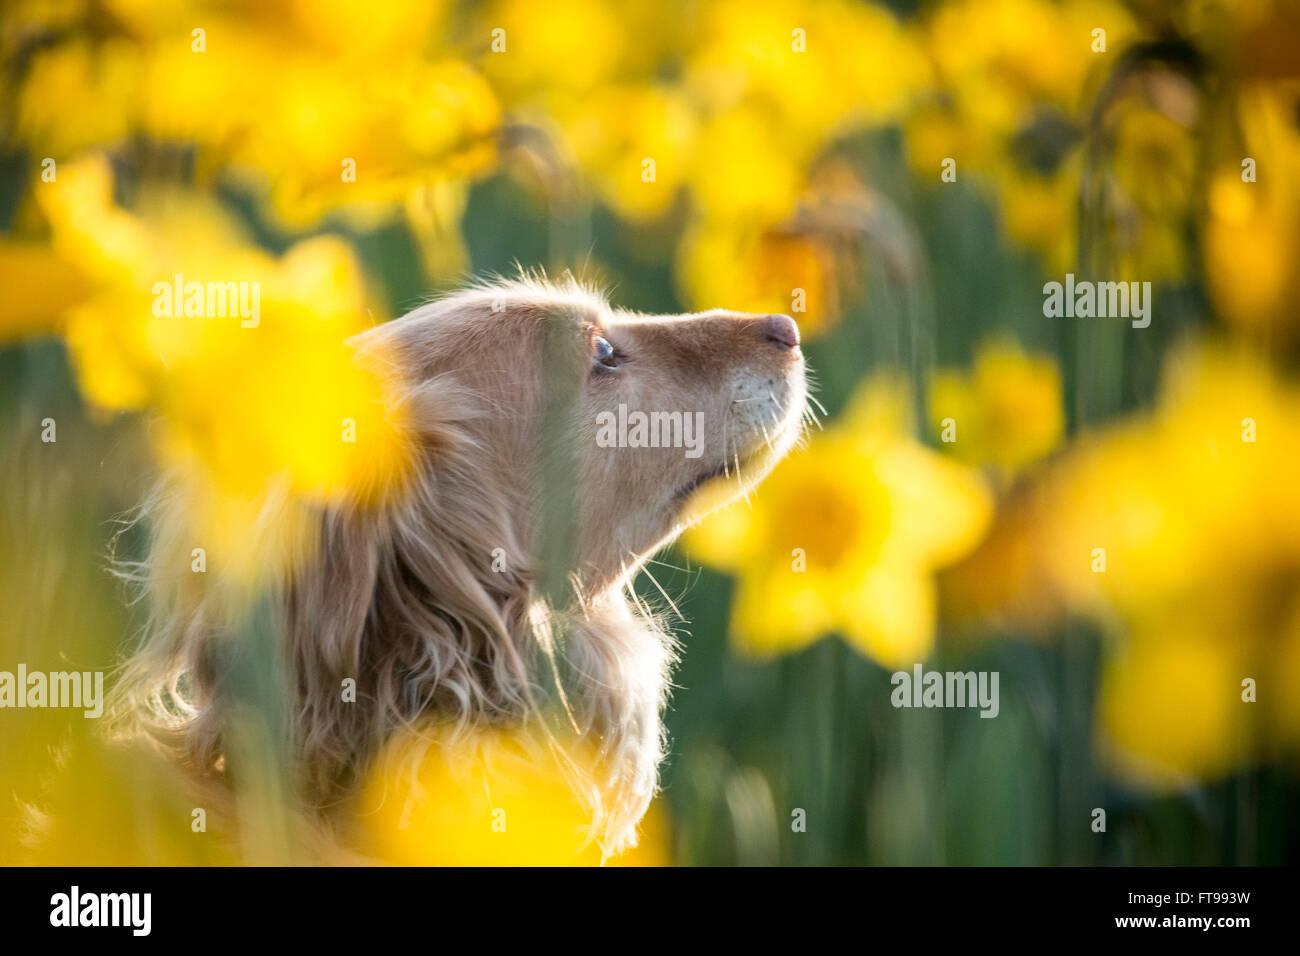 Londres, Royaume-Uni. 25 mars, 2016. Météo France: la jonquille de printemps des fleurs dans le Photo Stock